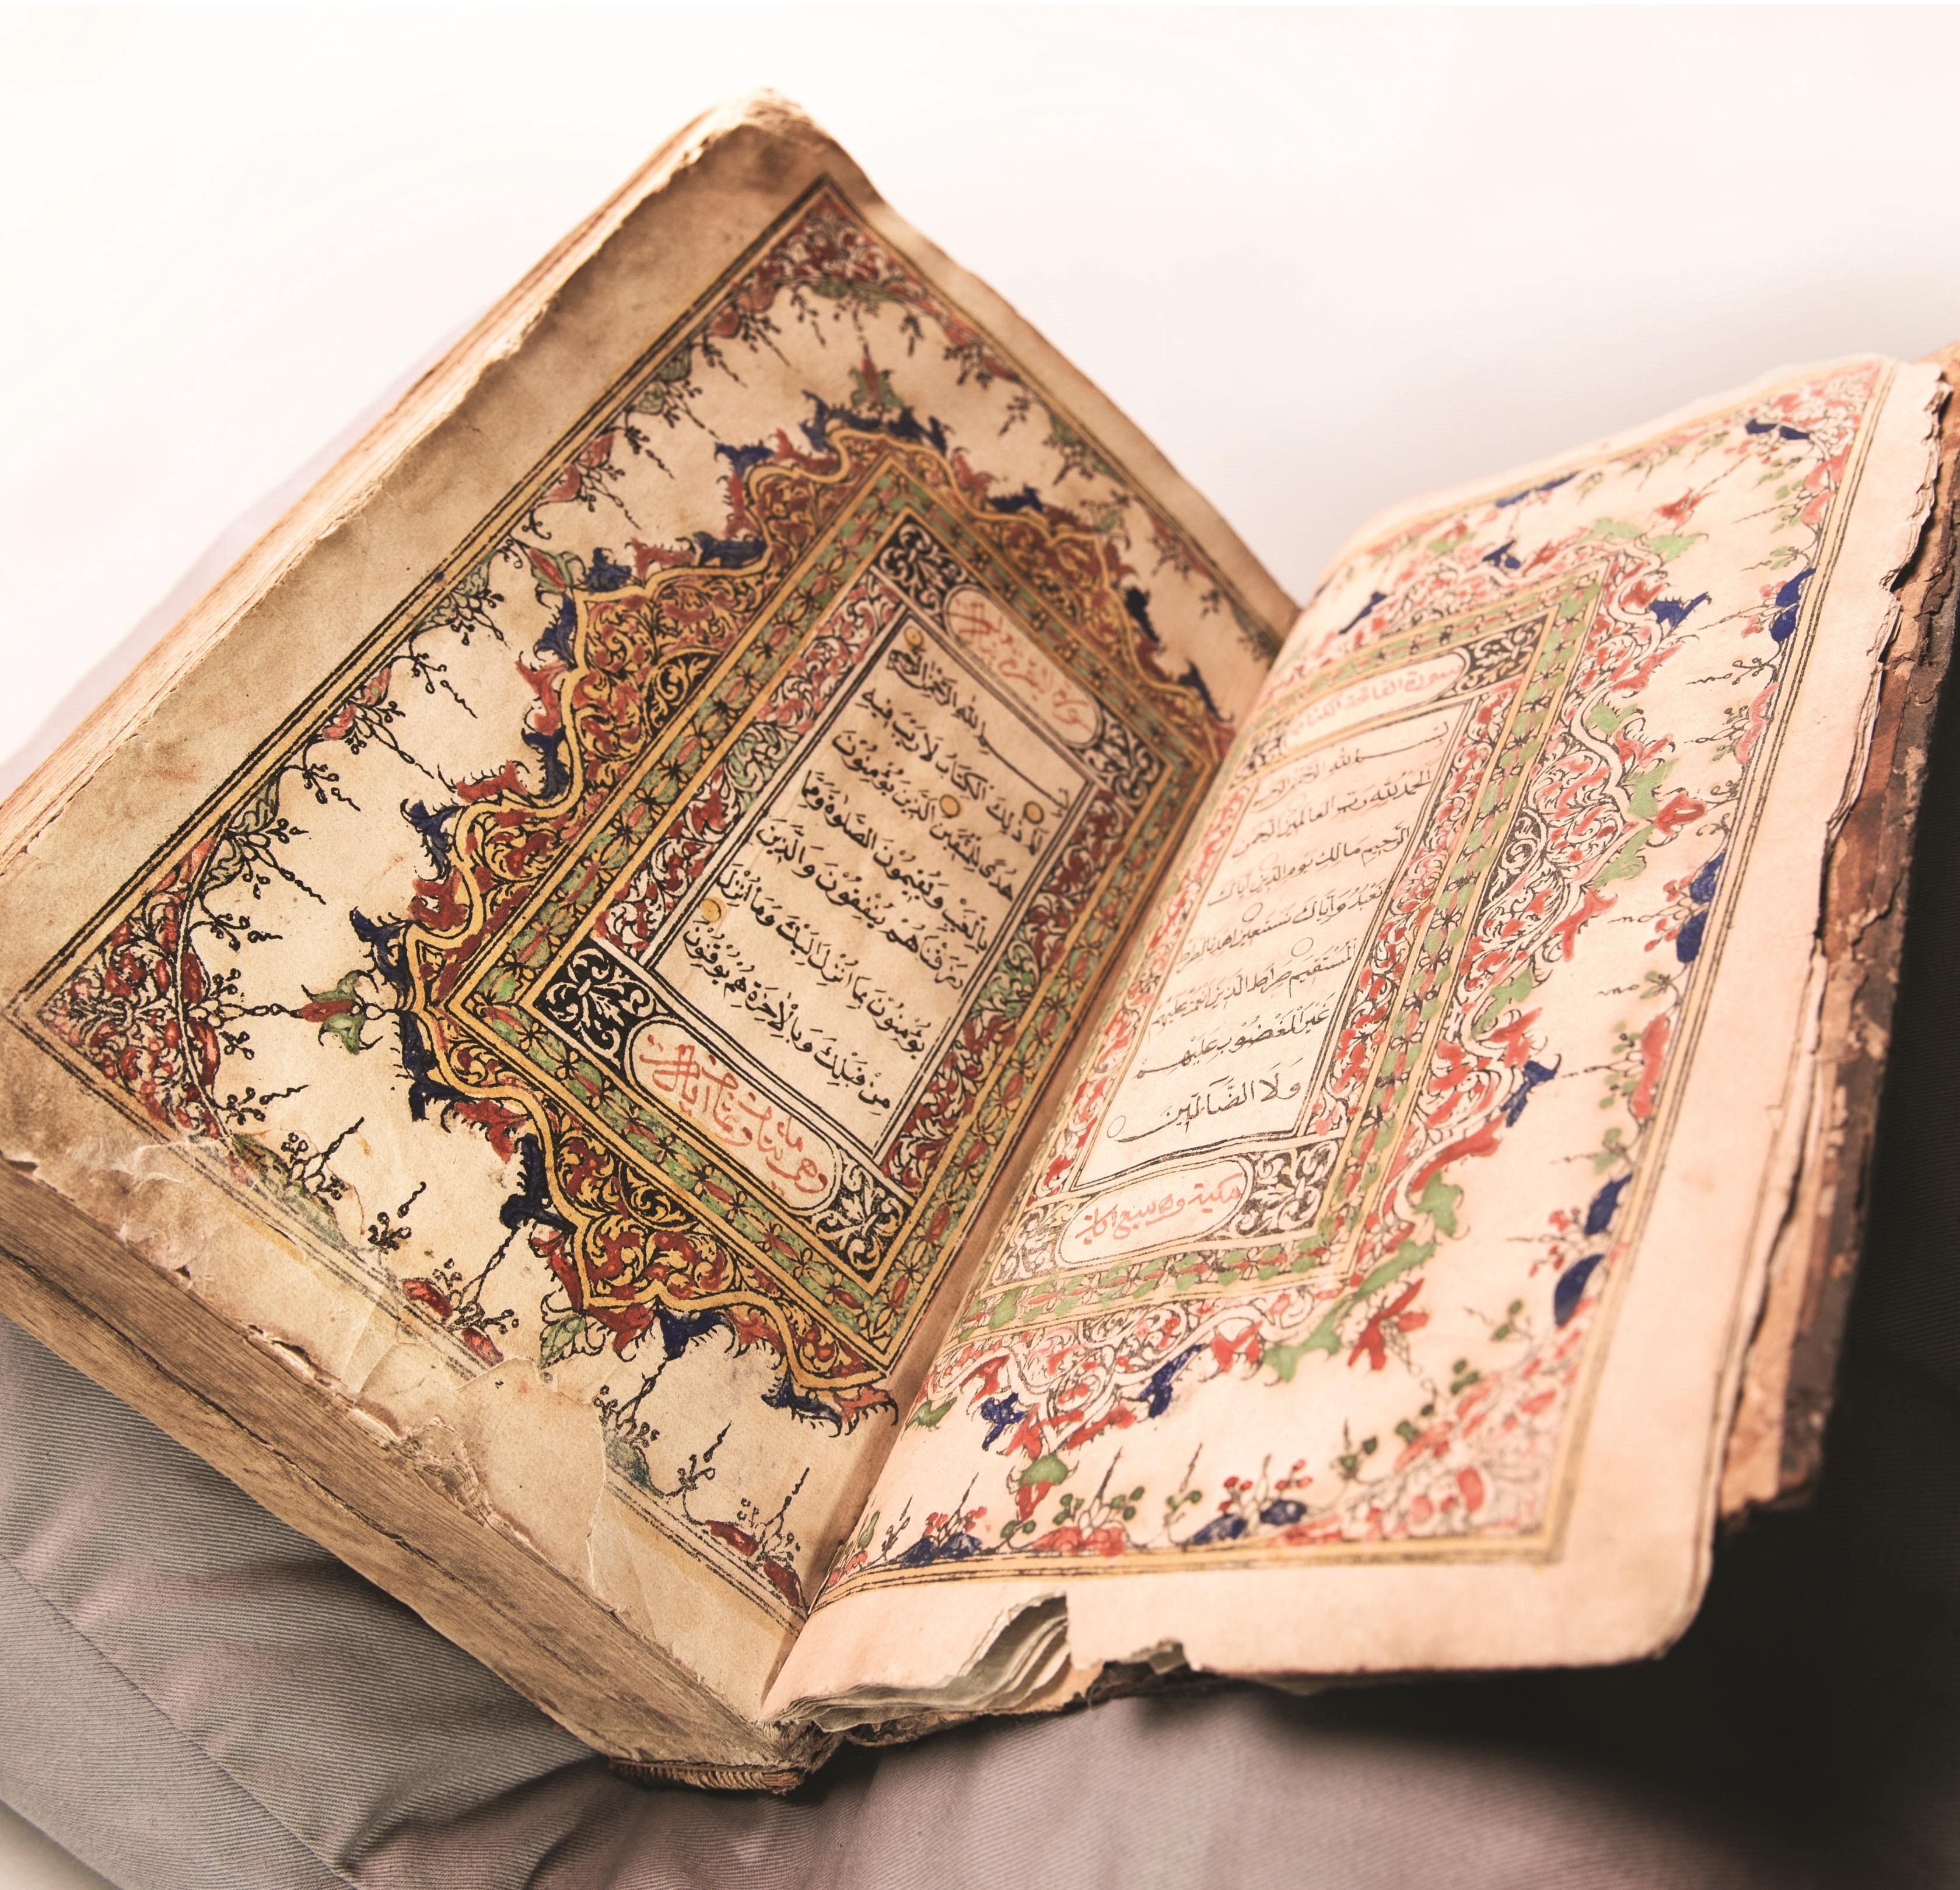 Distinct Features of the Qur'anic Language